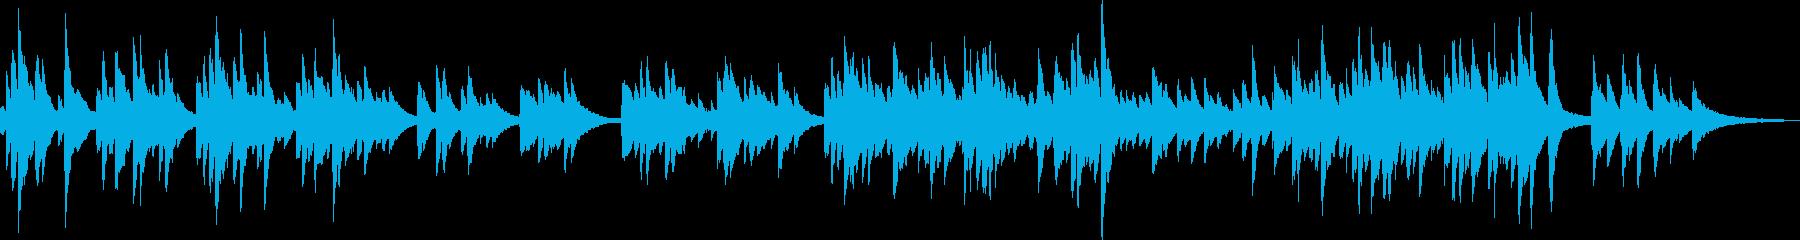 ノスタルジーなピアノ曲(切ない・優しい)の再生済みの波形